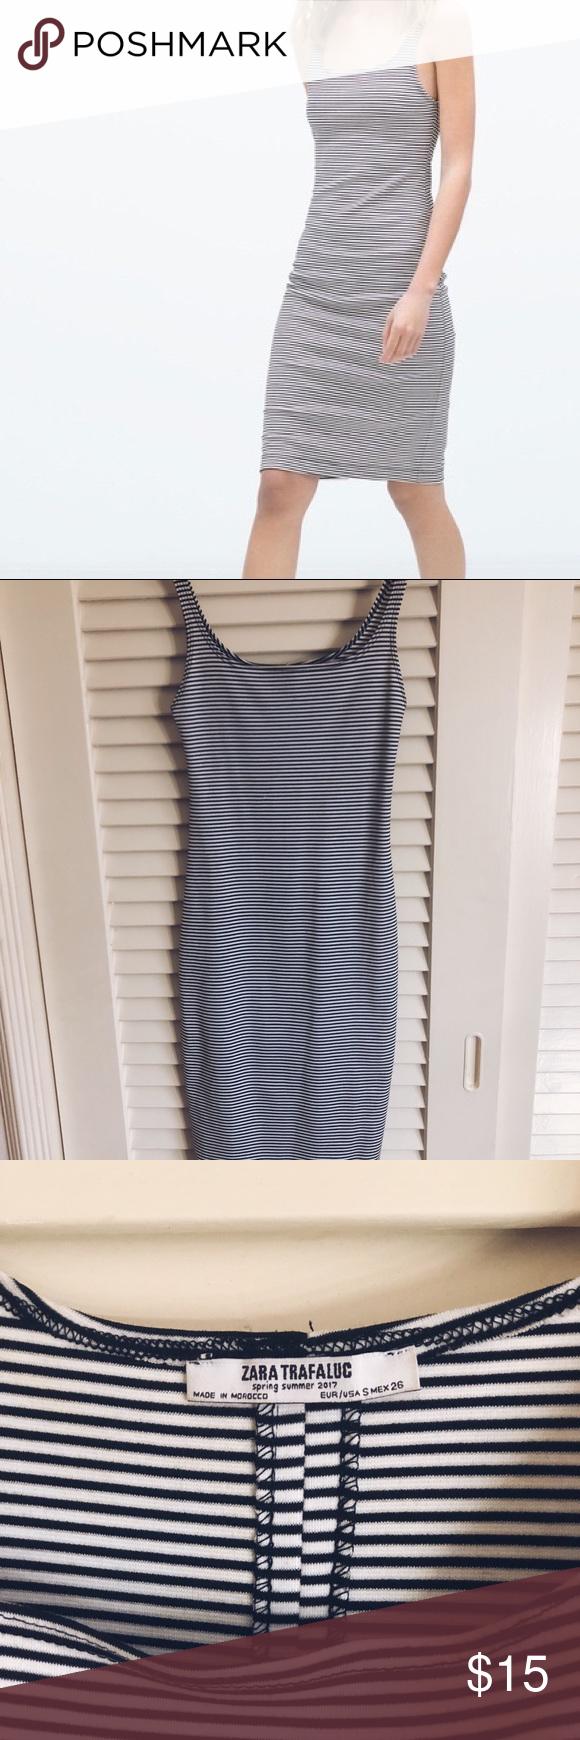 Zara Trafaluc Striped Bodycon Dress Dark Blue And White Striped Bodycon Fits True To Size Worn Once Great Condi Striped Bodycon Dress Bodycon Dress Trafaluc [ 1740 x 580 Pixel ]